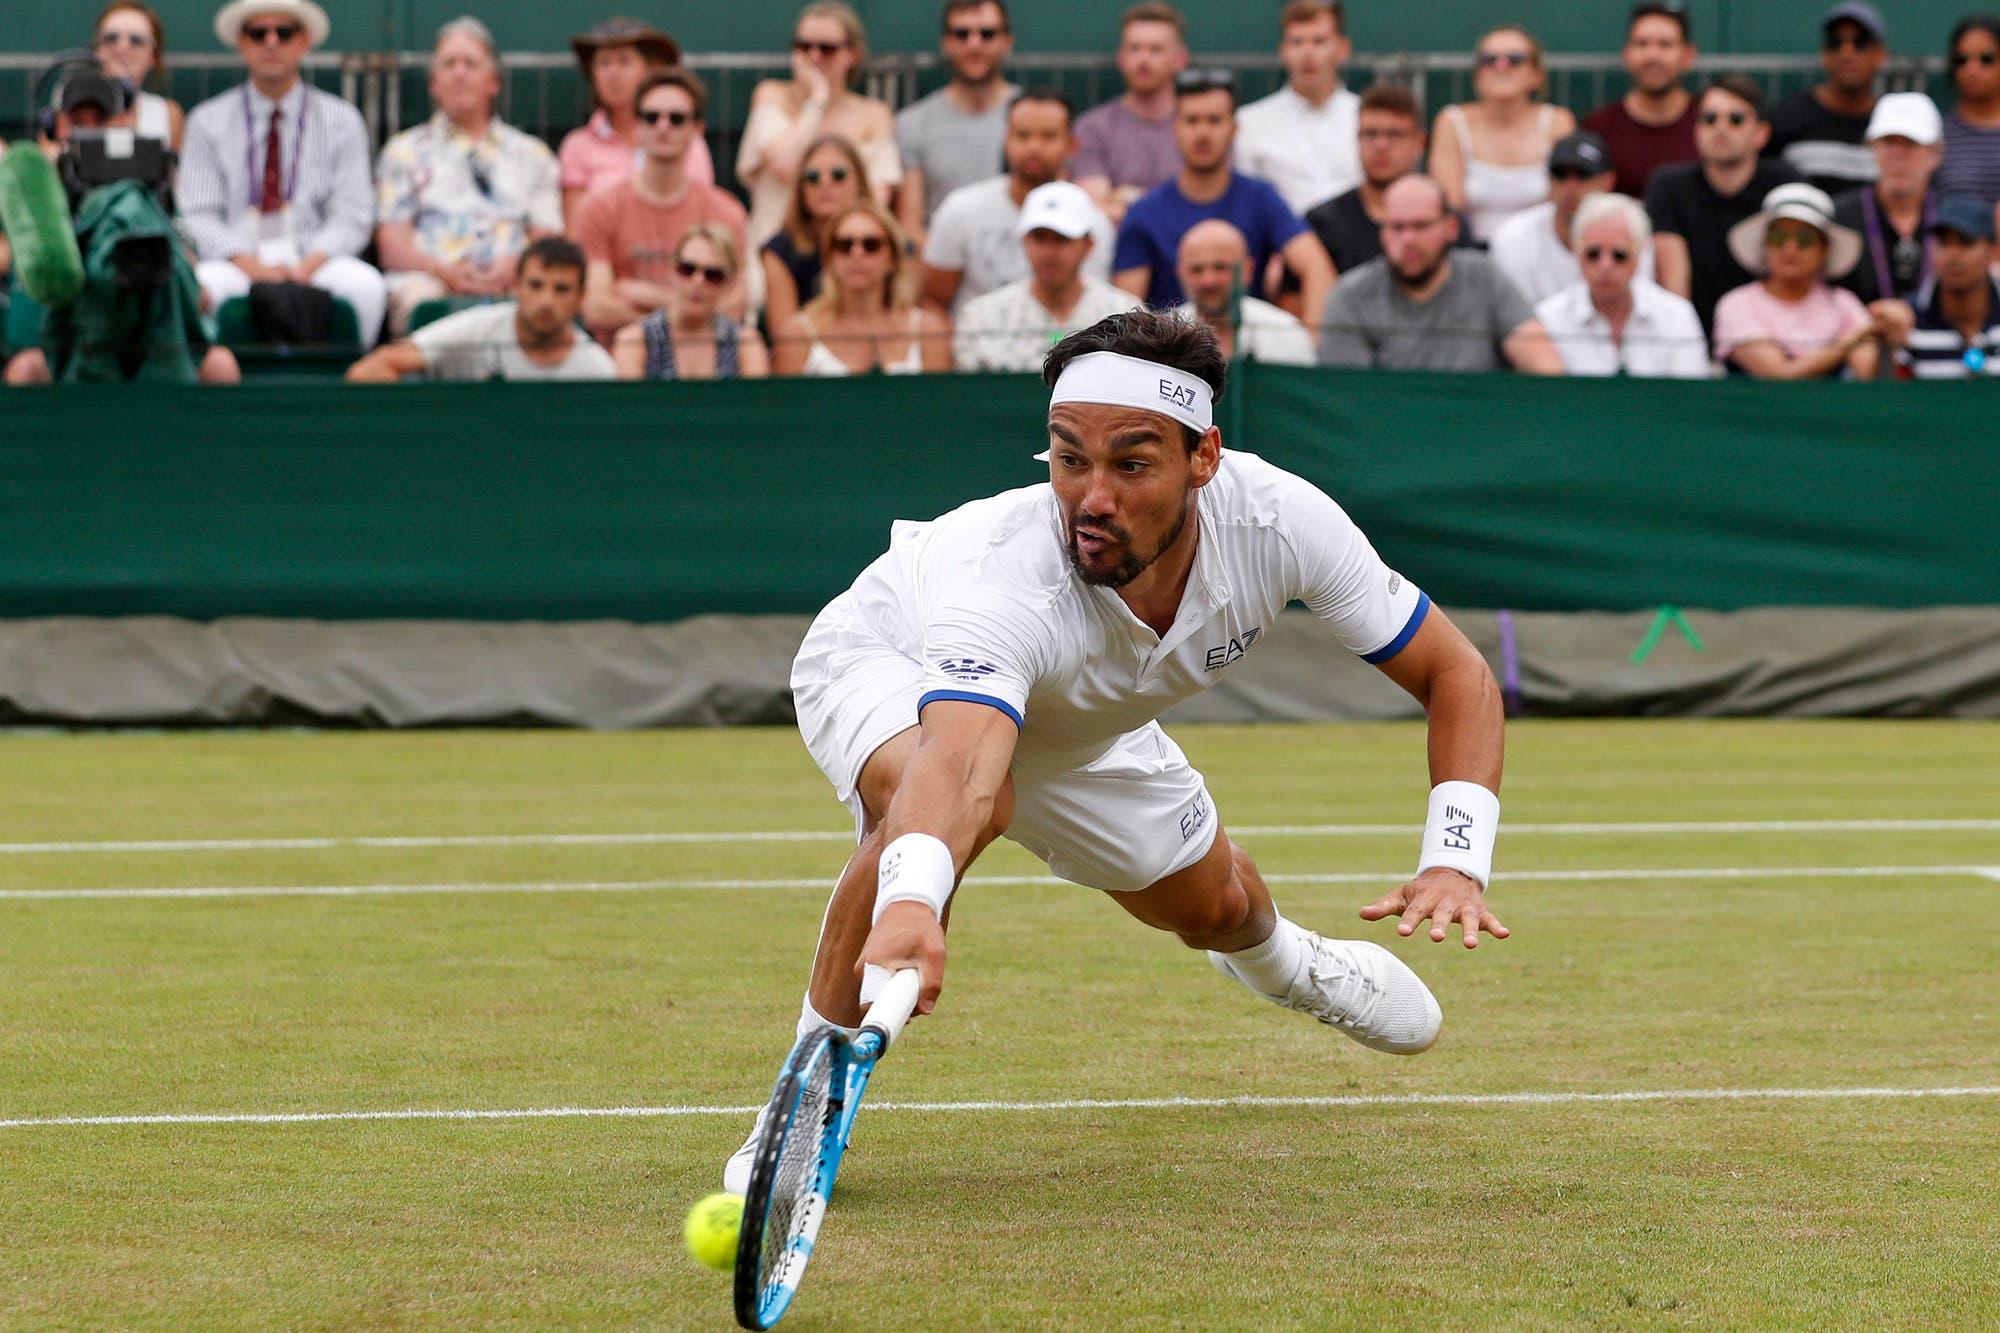 Wimbledon: La ofensa del italiano Fognini que abrió viejas heridas de guerra